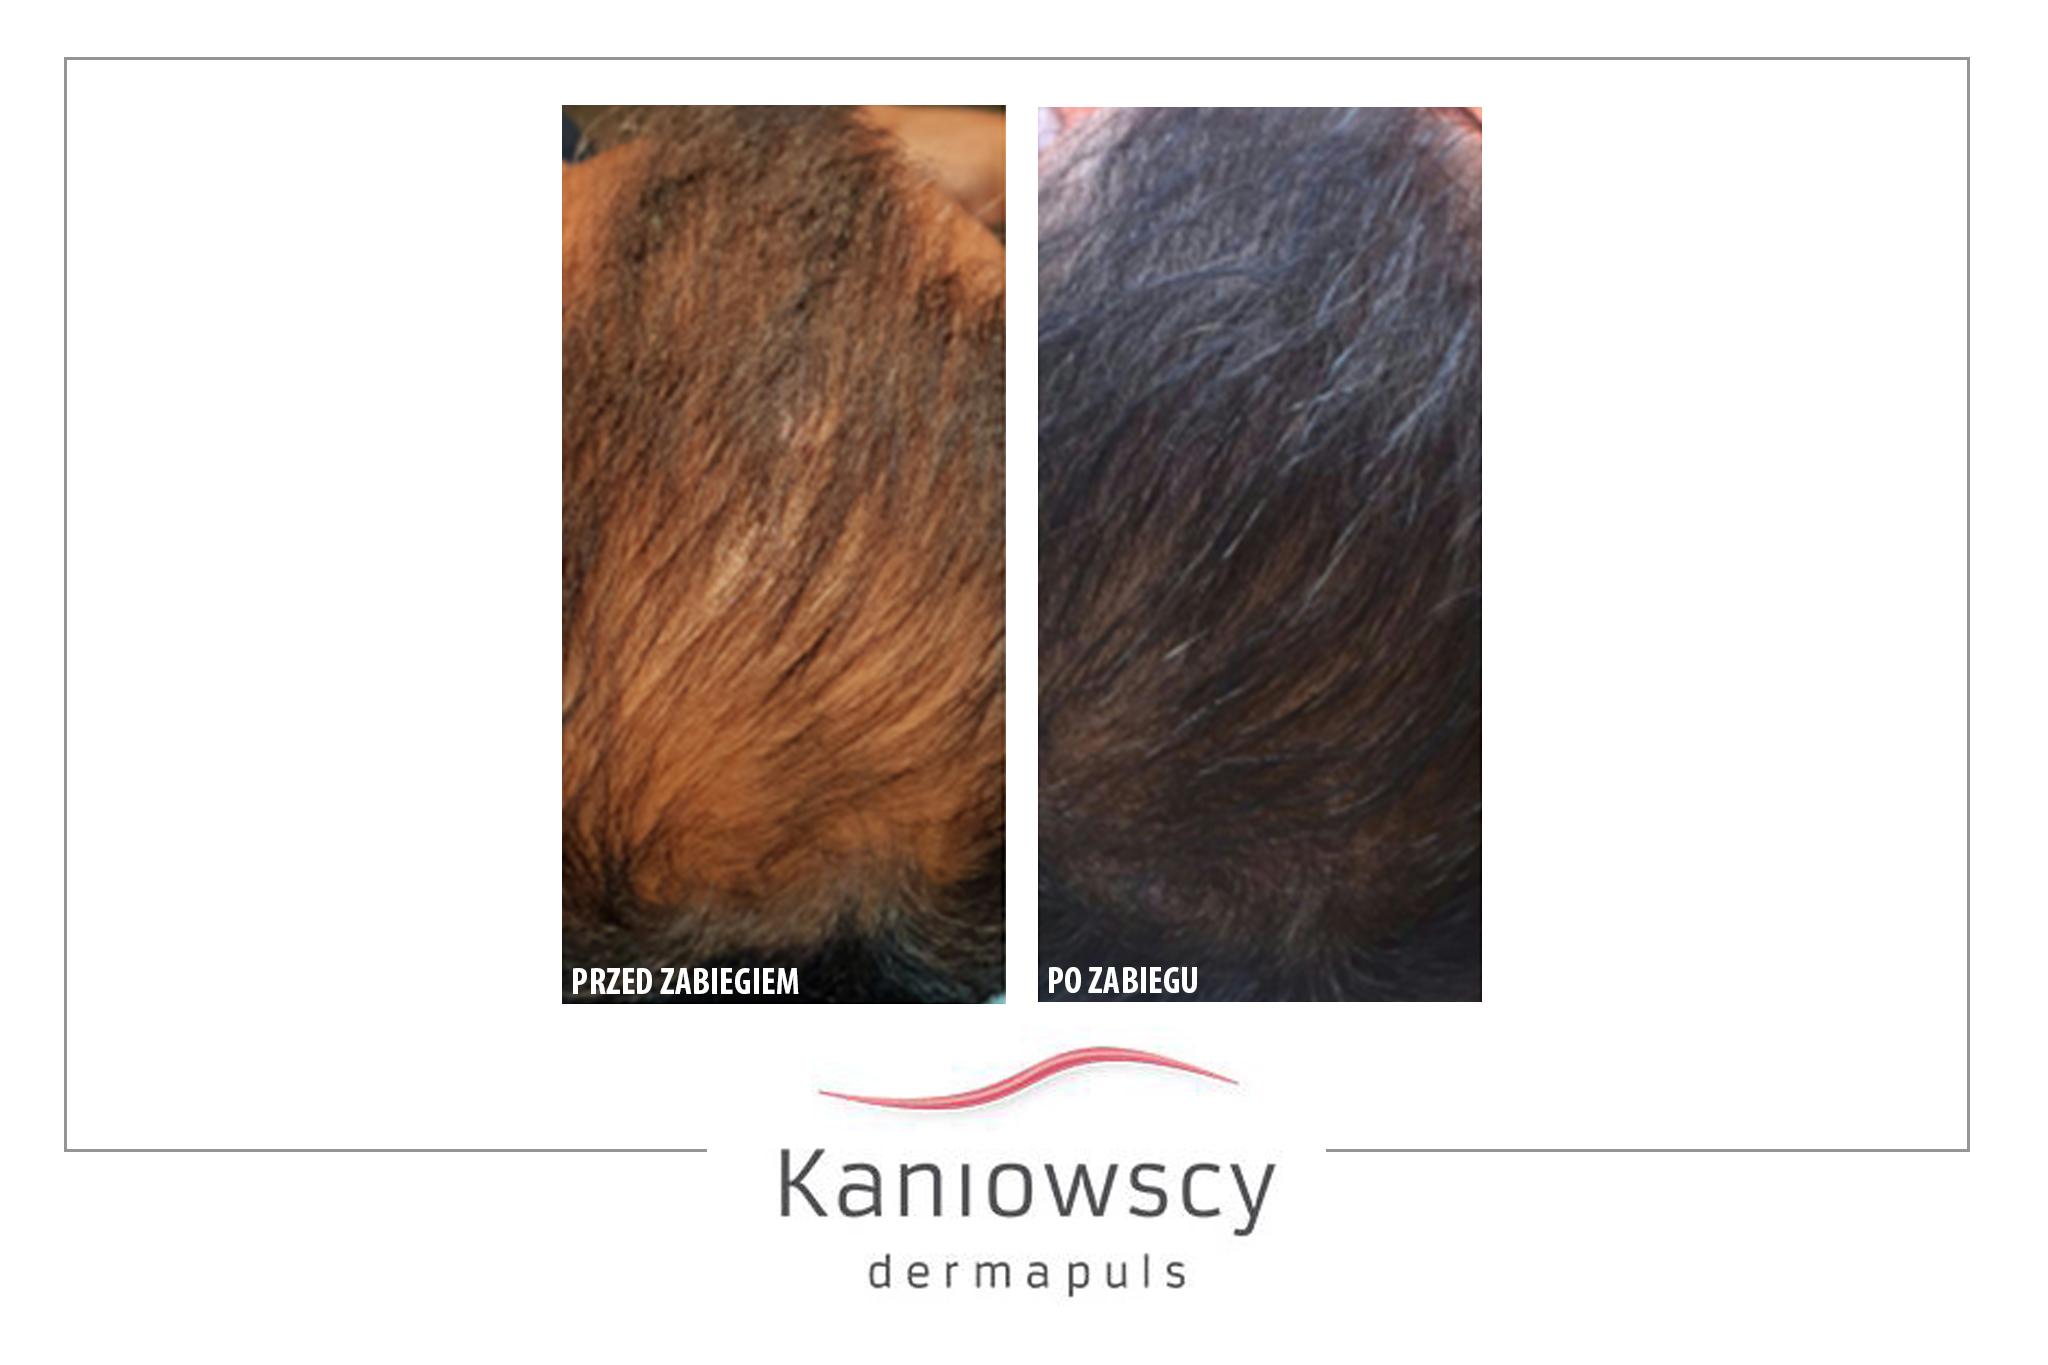 leczenie łysienie kaniowscy